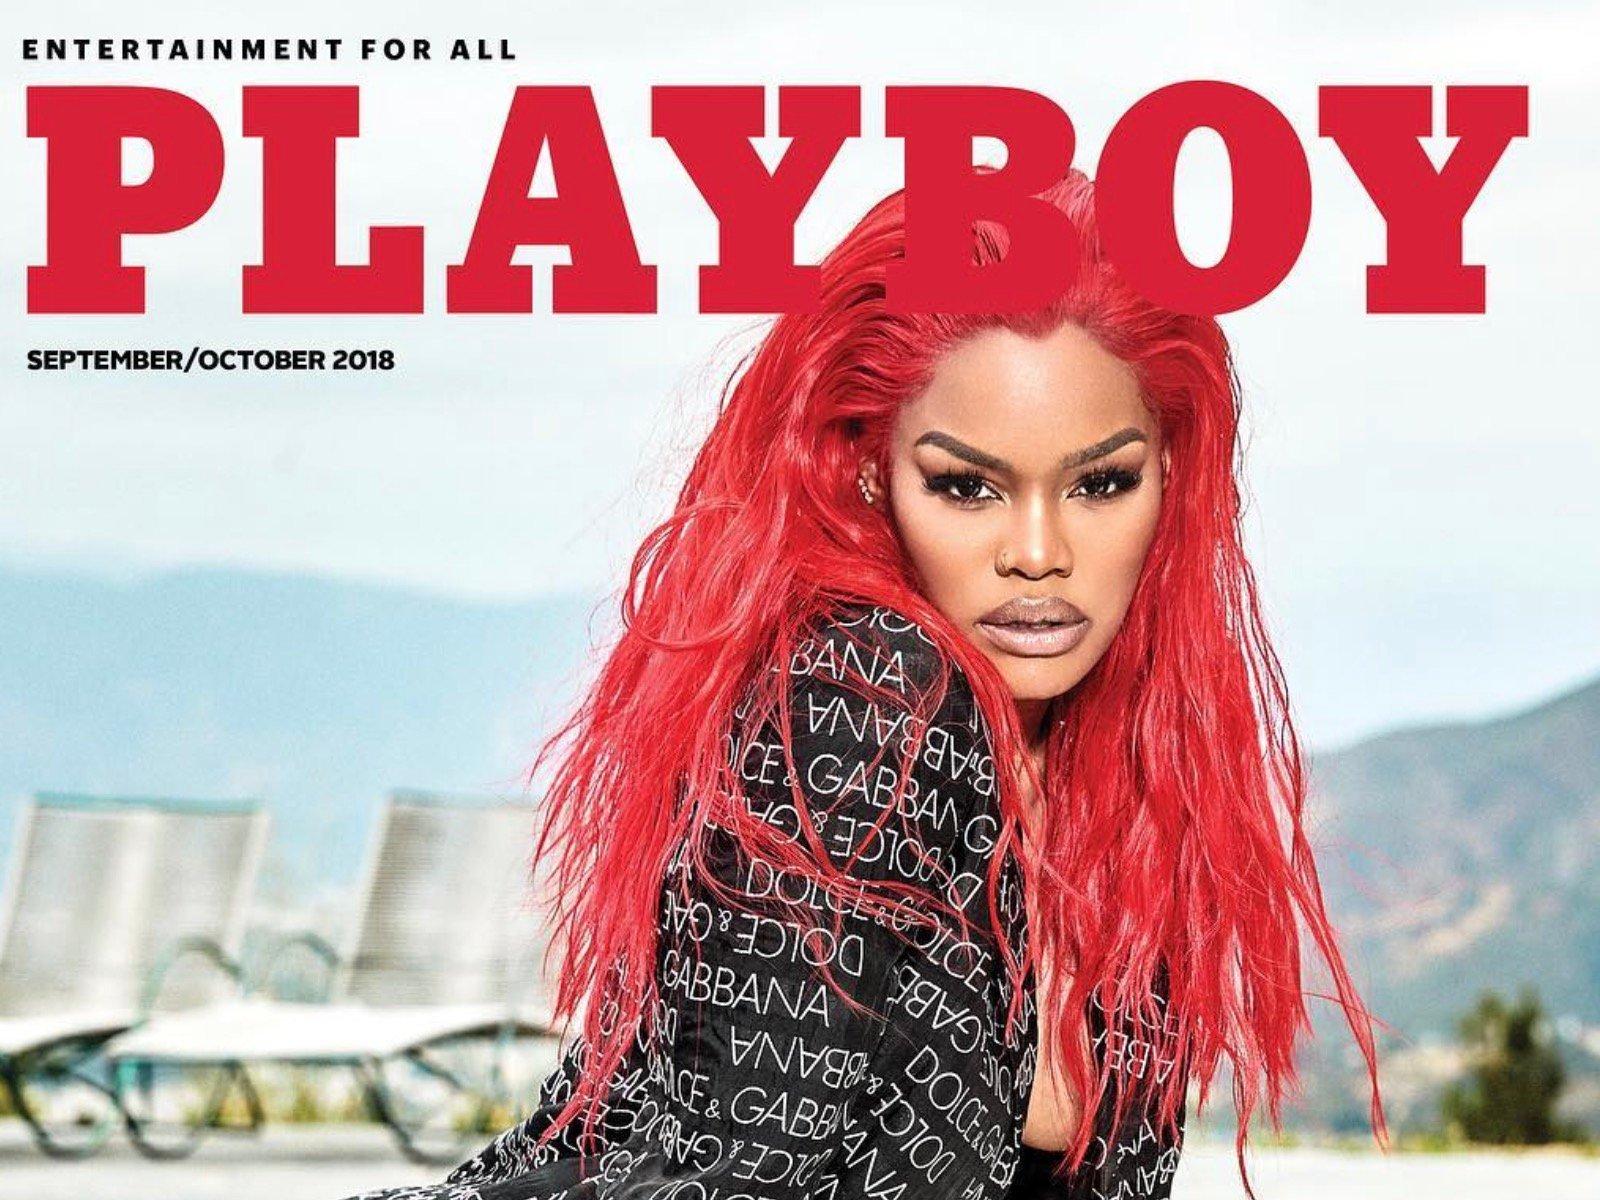 Playboy Teyana Taylor